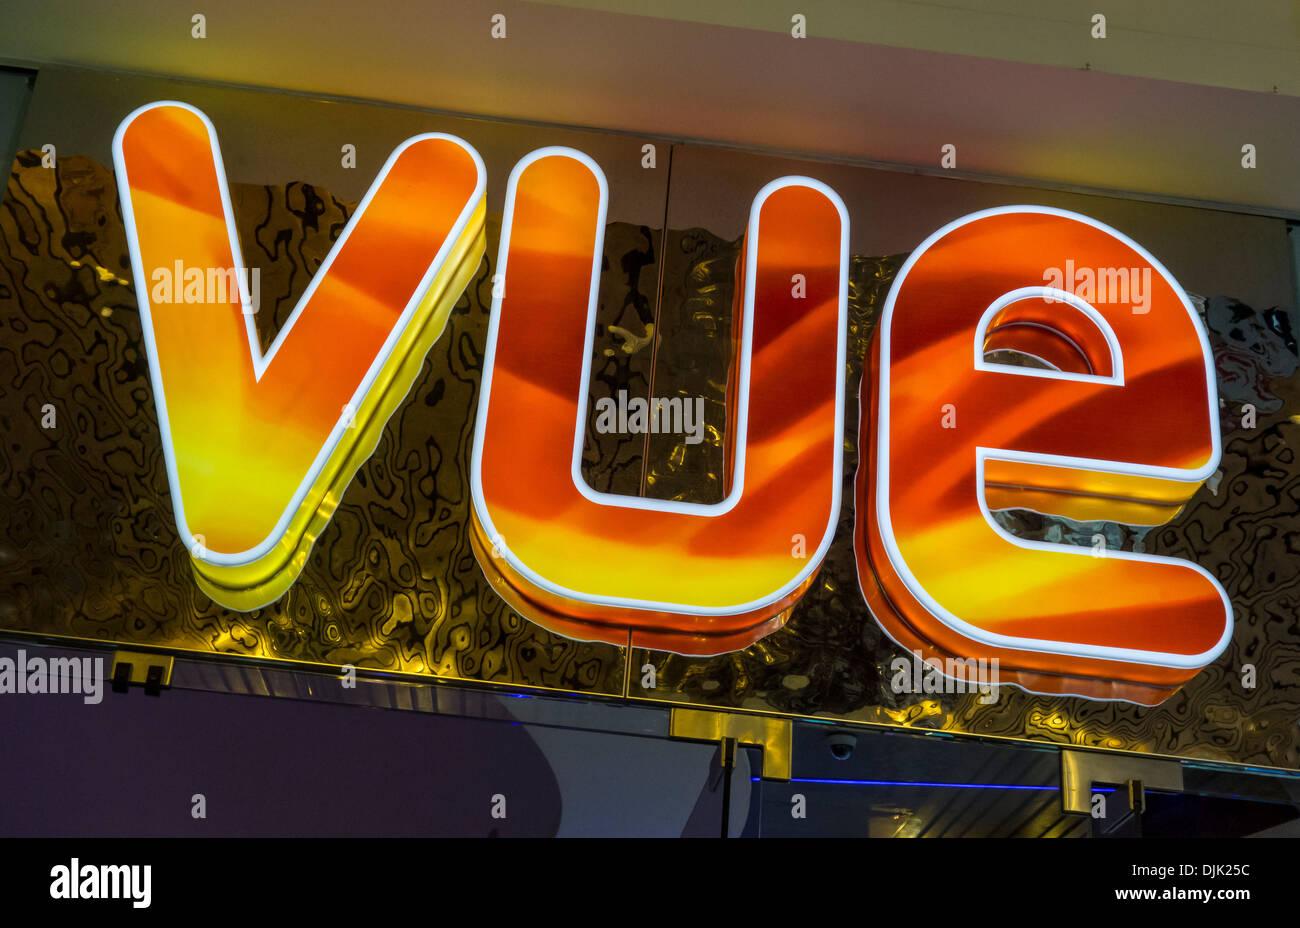 Vue Cinema Illuminated Sign Logo - Stock Image